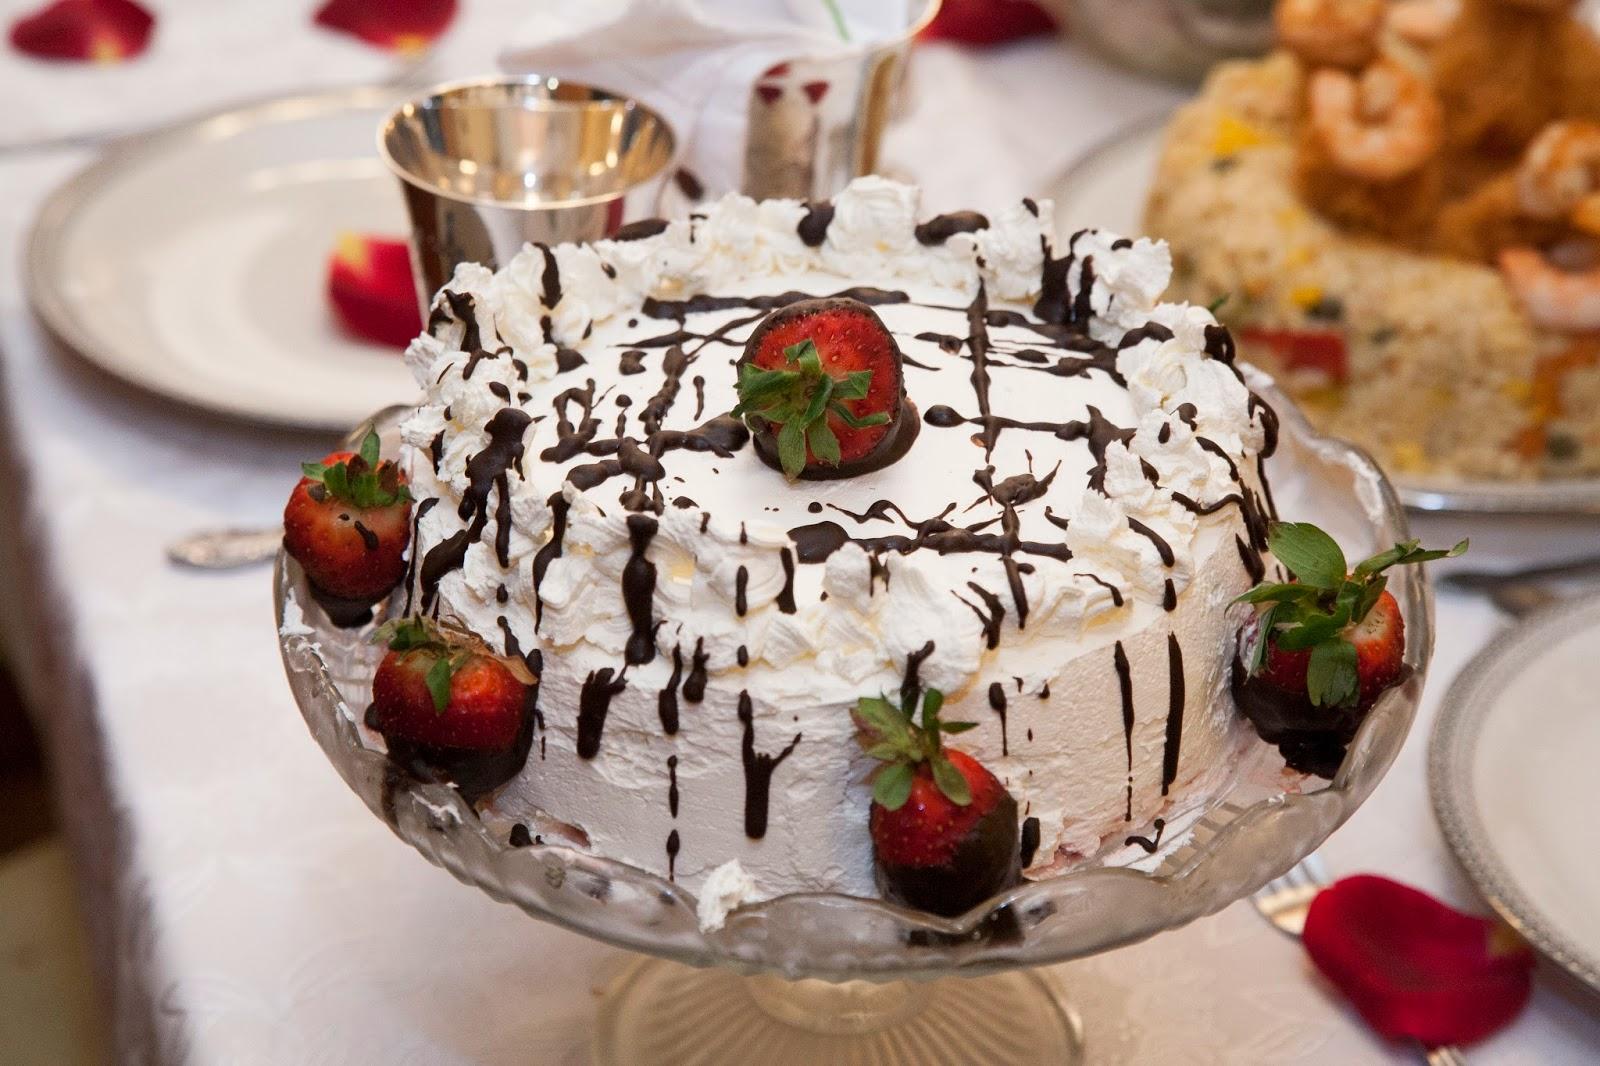 τουρτα σοκολατα – φράουλα νηστίσιμη